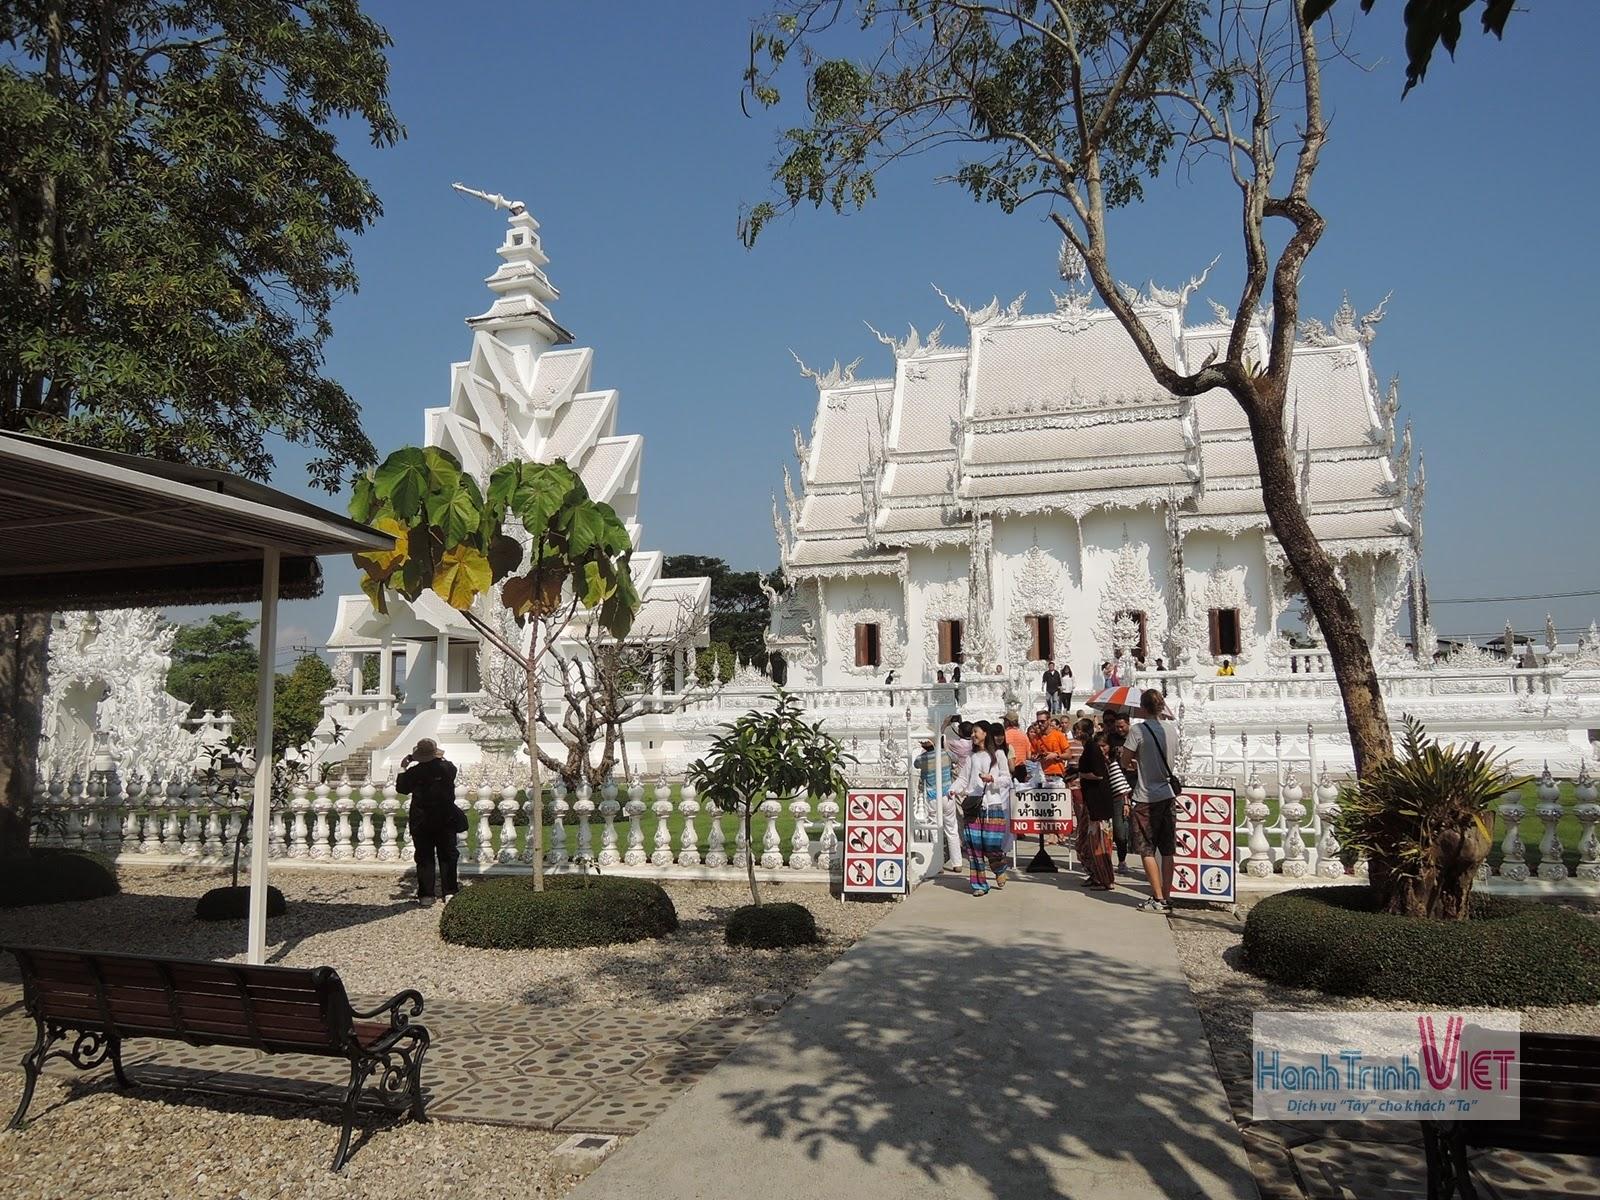 Tham quan chùa bạc Wat Rong Khun ở Chiêng Rai